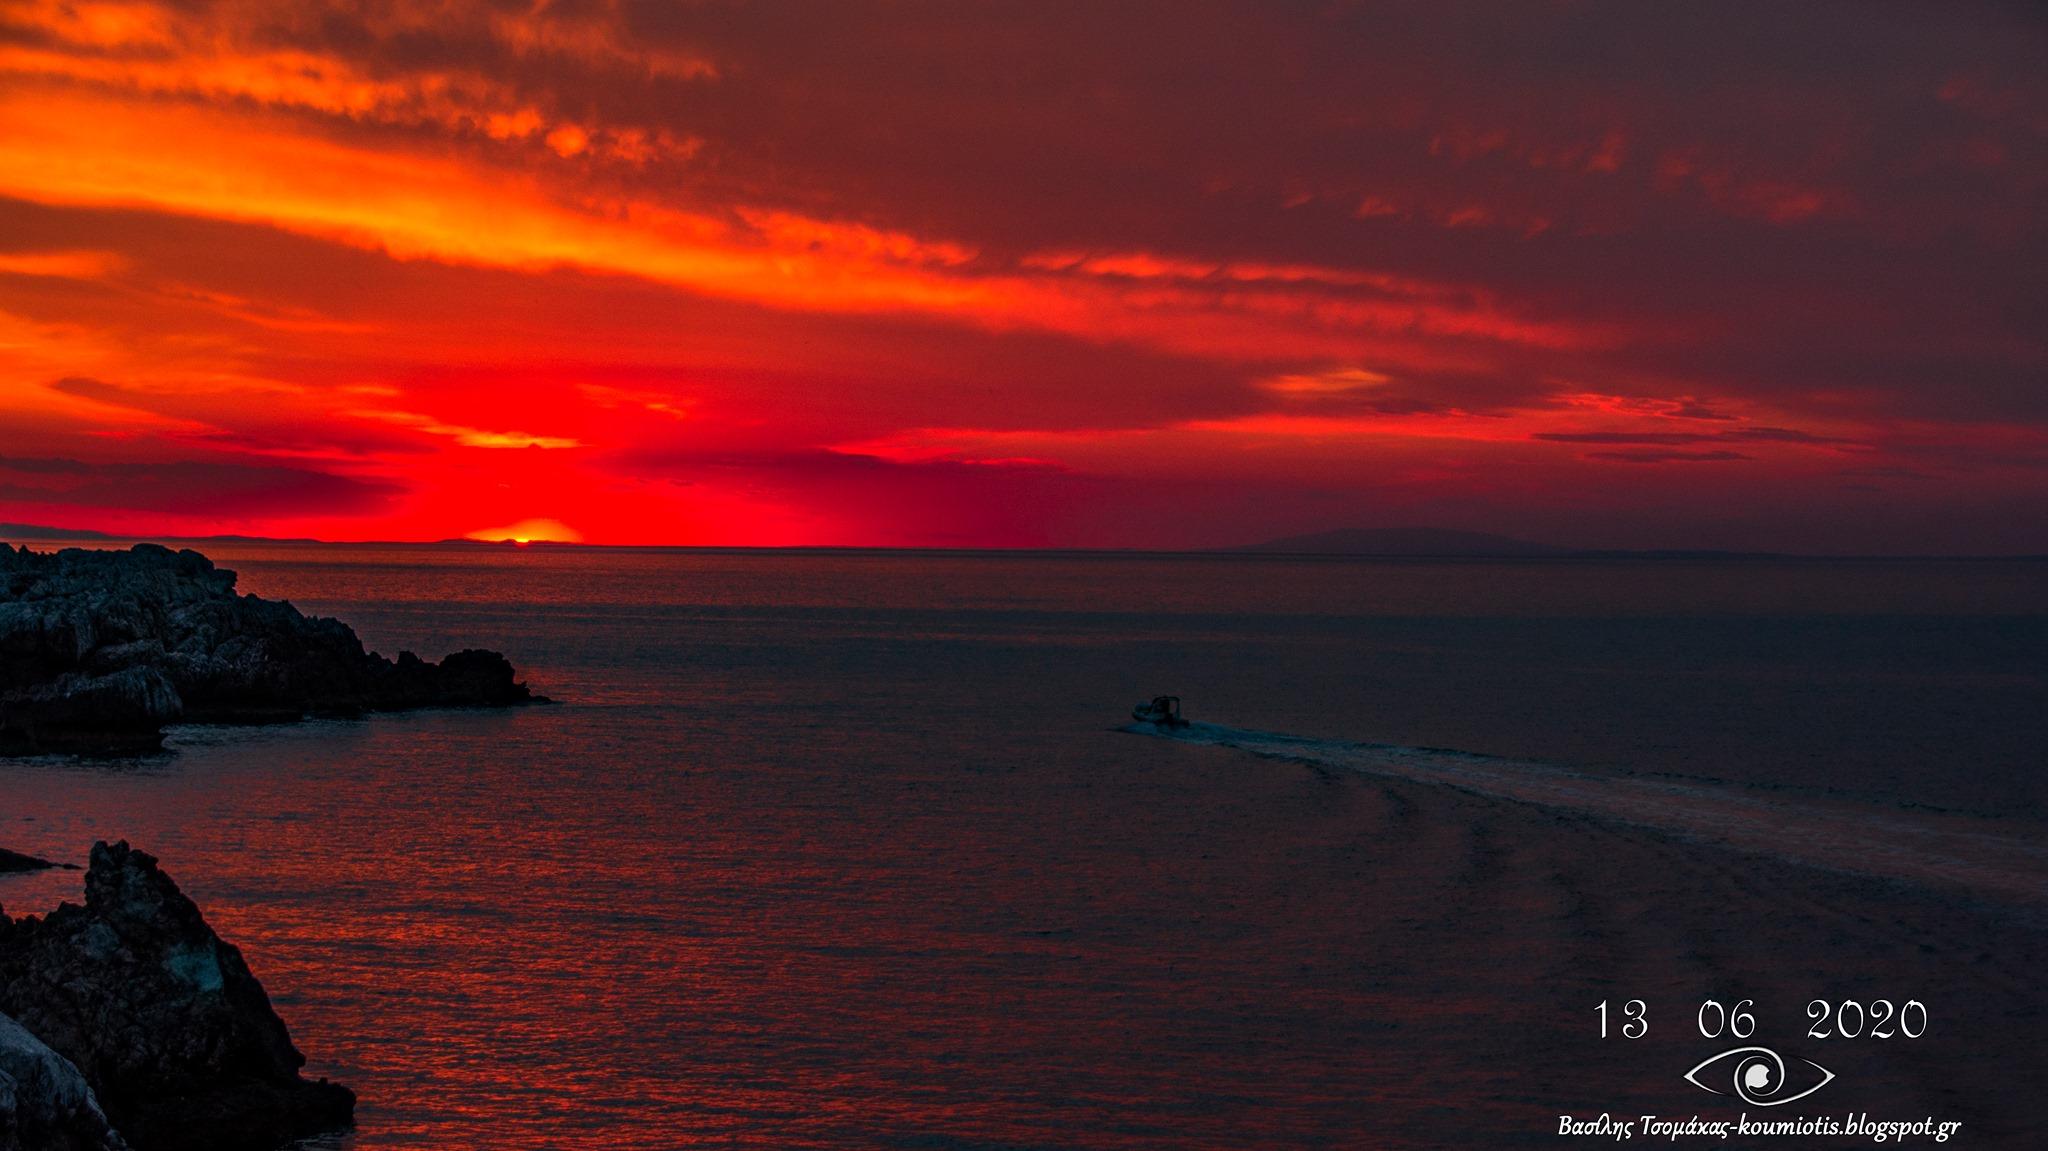 Κύμη Ευβοίας: Το θέαμα του ηλιοβασιλέματος που θα σας αφήσει άφωνους, Κύμη Ευβοίας: Το θέαμα του ηλιοβασιλέματος που θα σας αφήσει άφωνους, Eviathema.gr | Εύβοια Τοπ Νέα Ειδήσεις